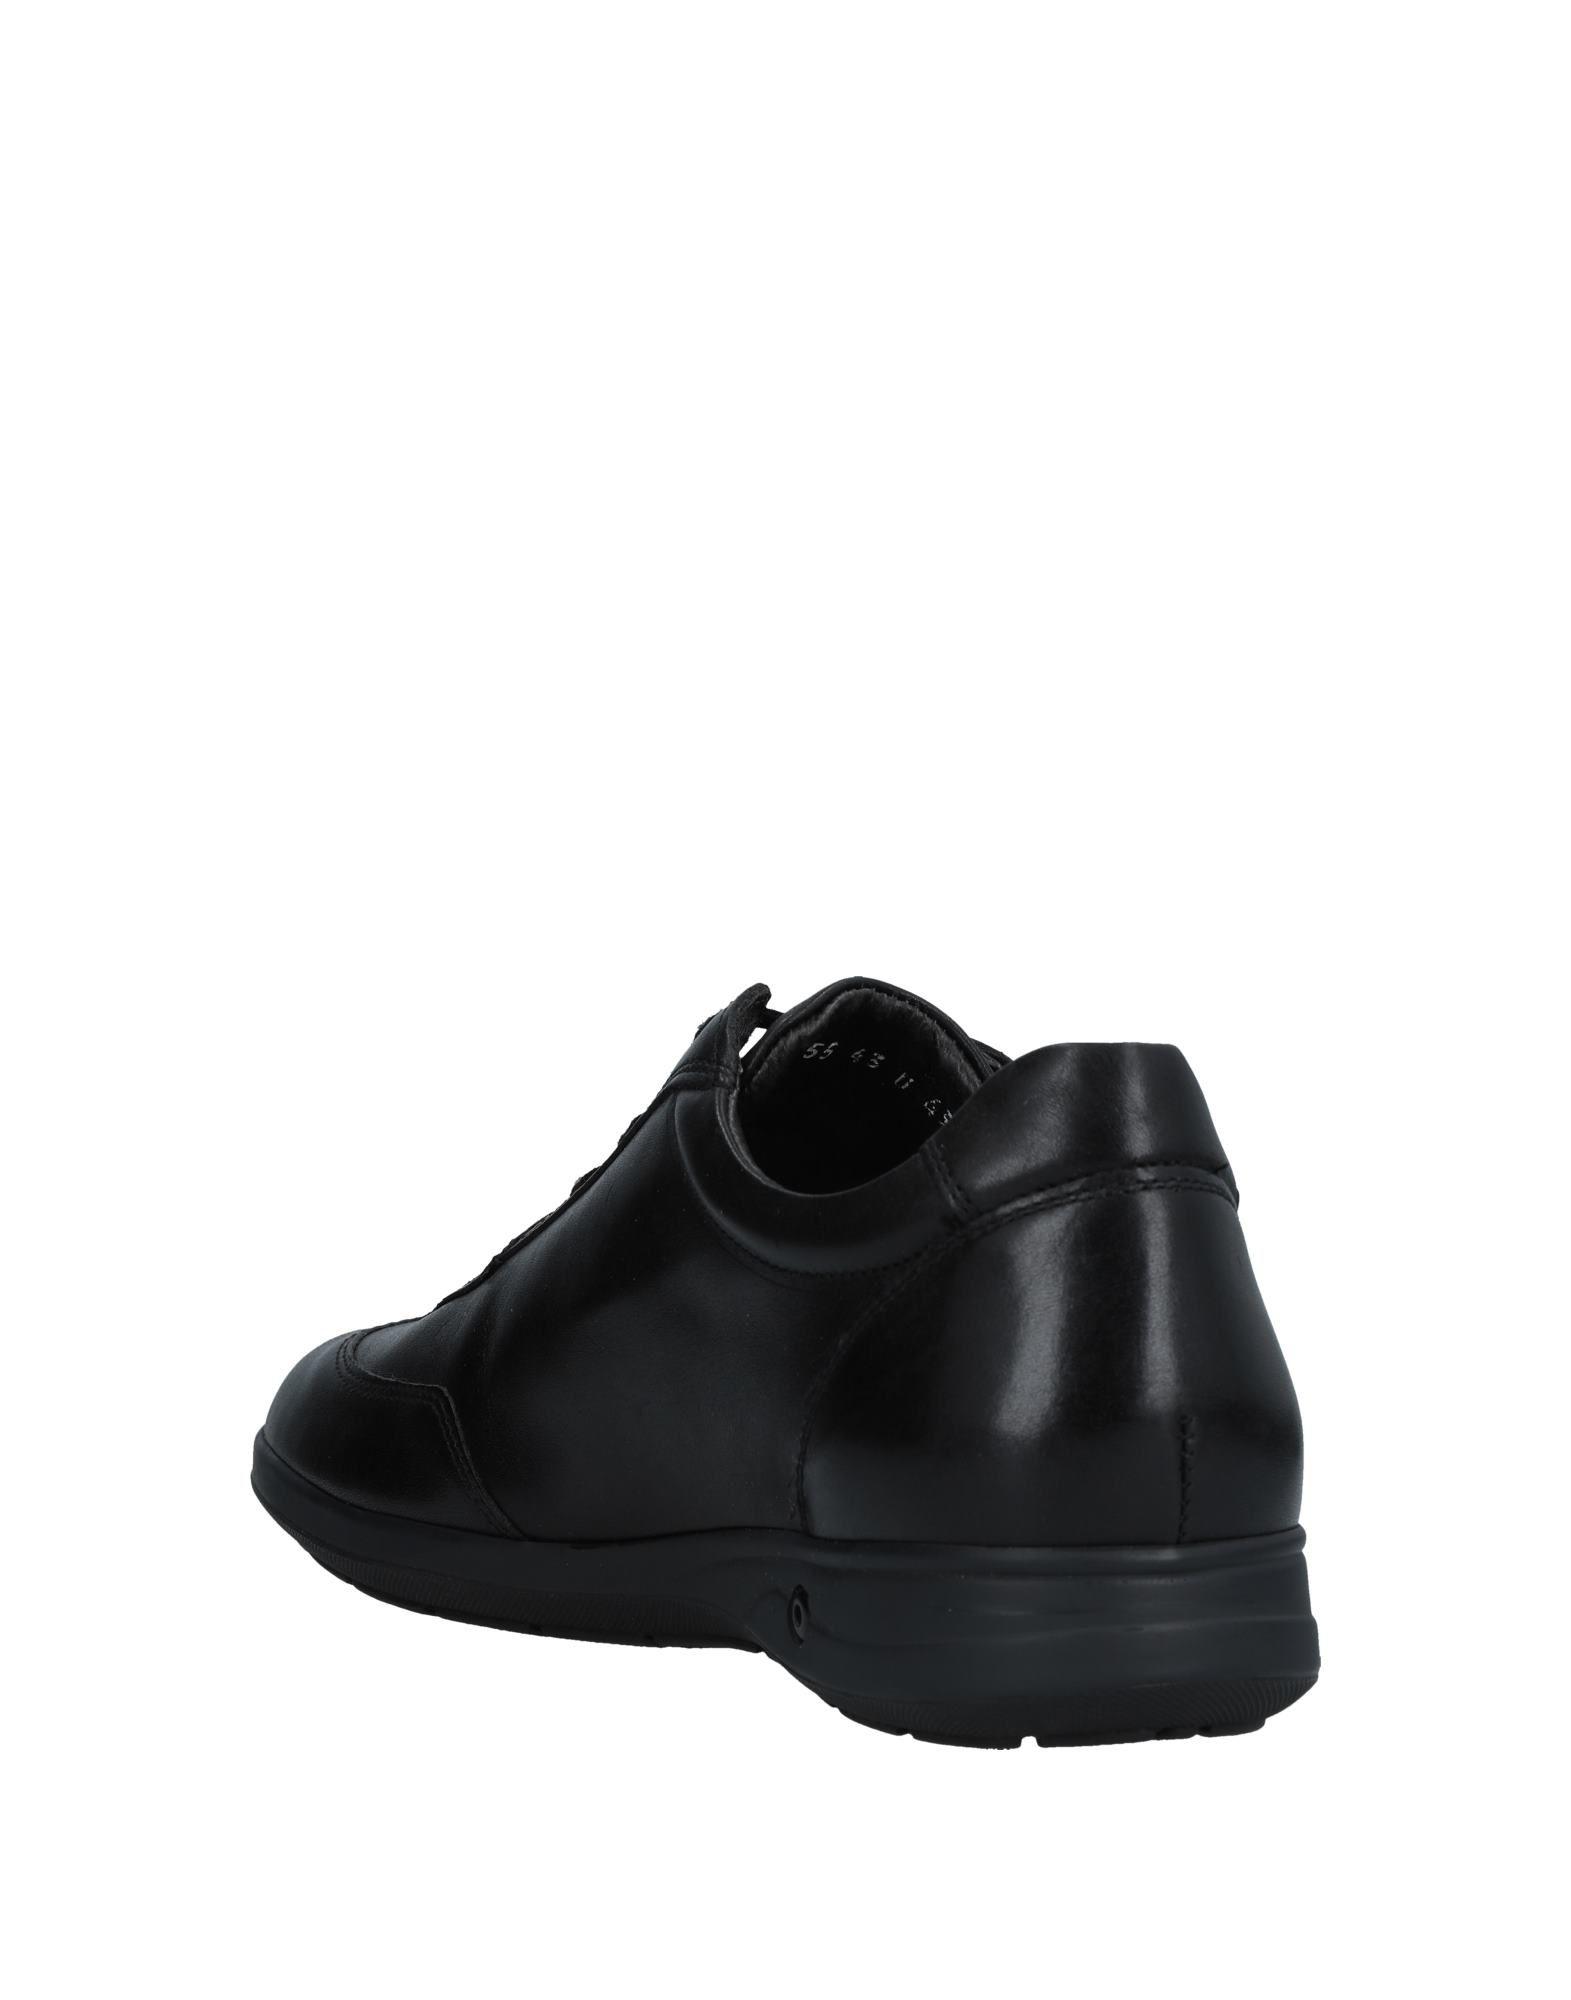 Rabatt Herren echte Schuhe Anderson Sneakers Herren Rabatt  11237128PQ 57db89